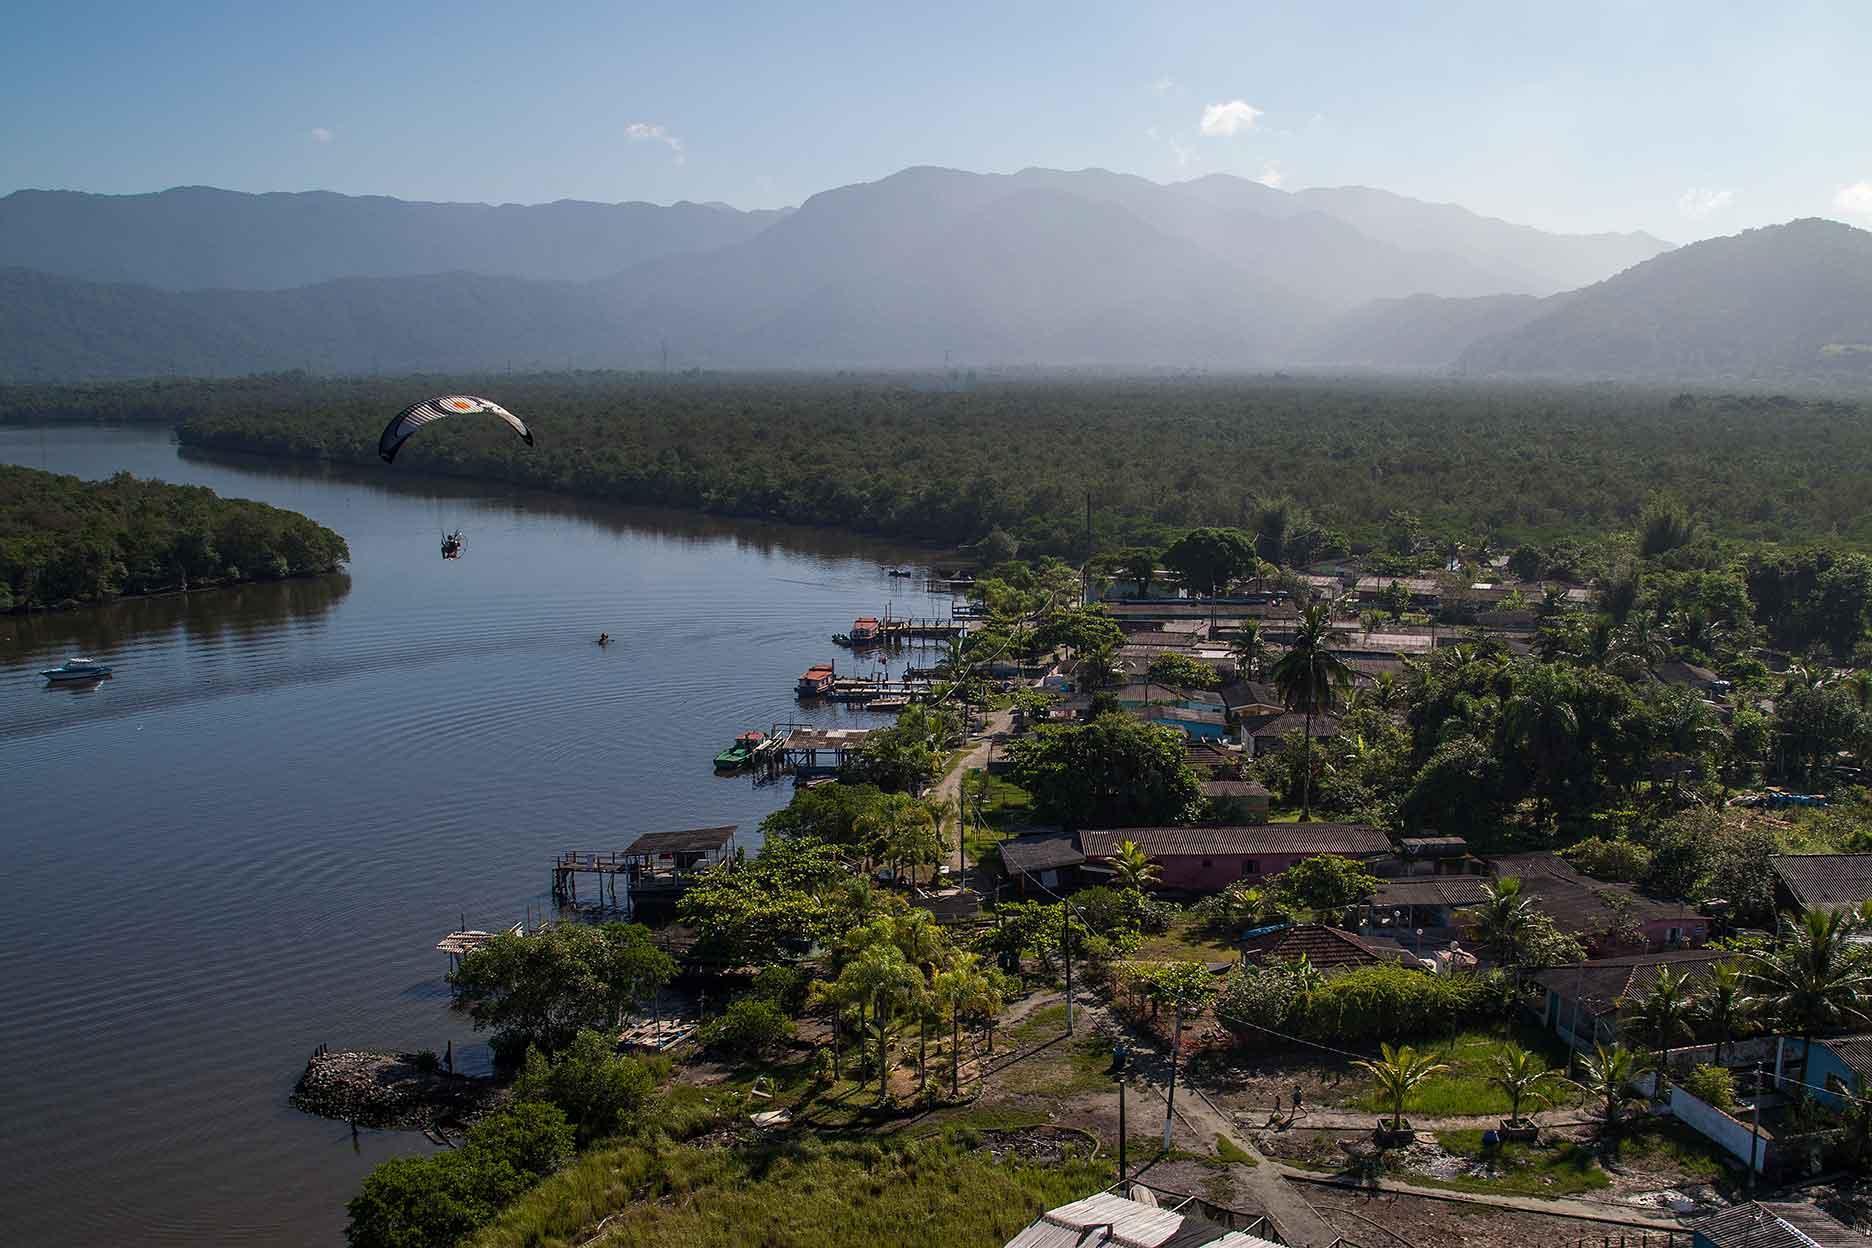 Santos-Meio-Ambiente-Ilha-Diana-Ale-Andreazzi-_MG_7888-bx